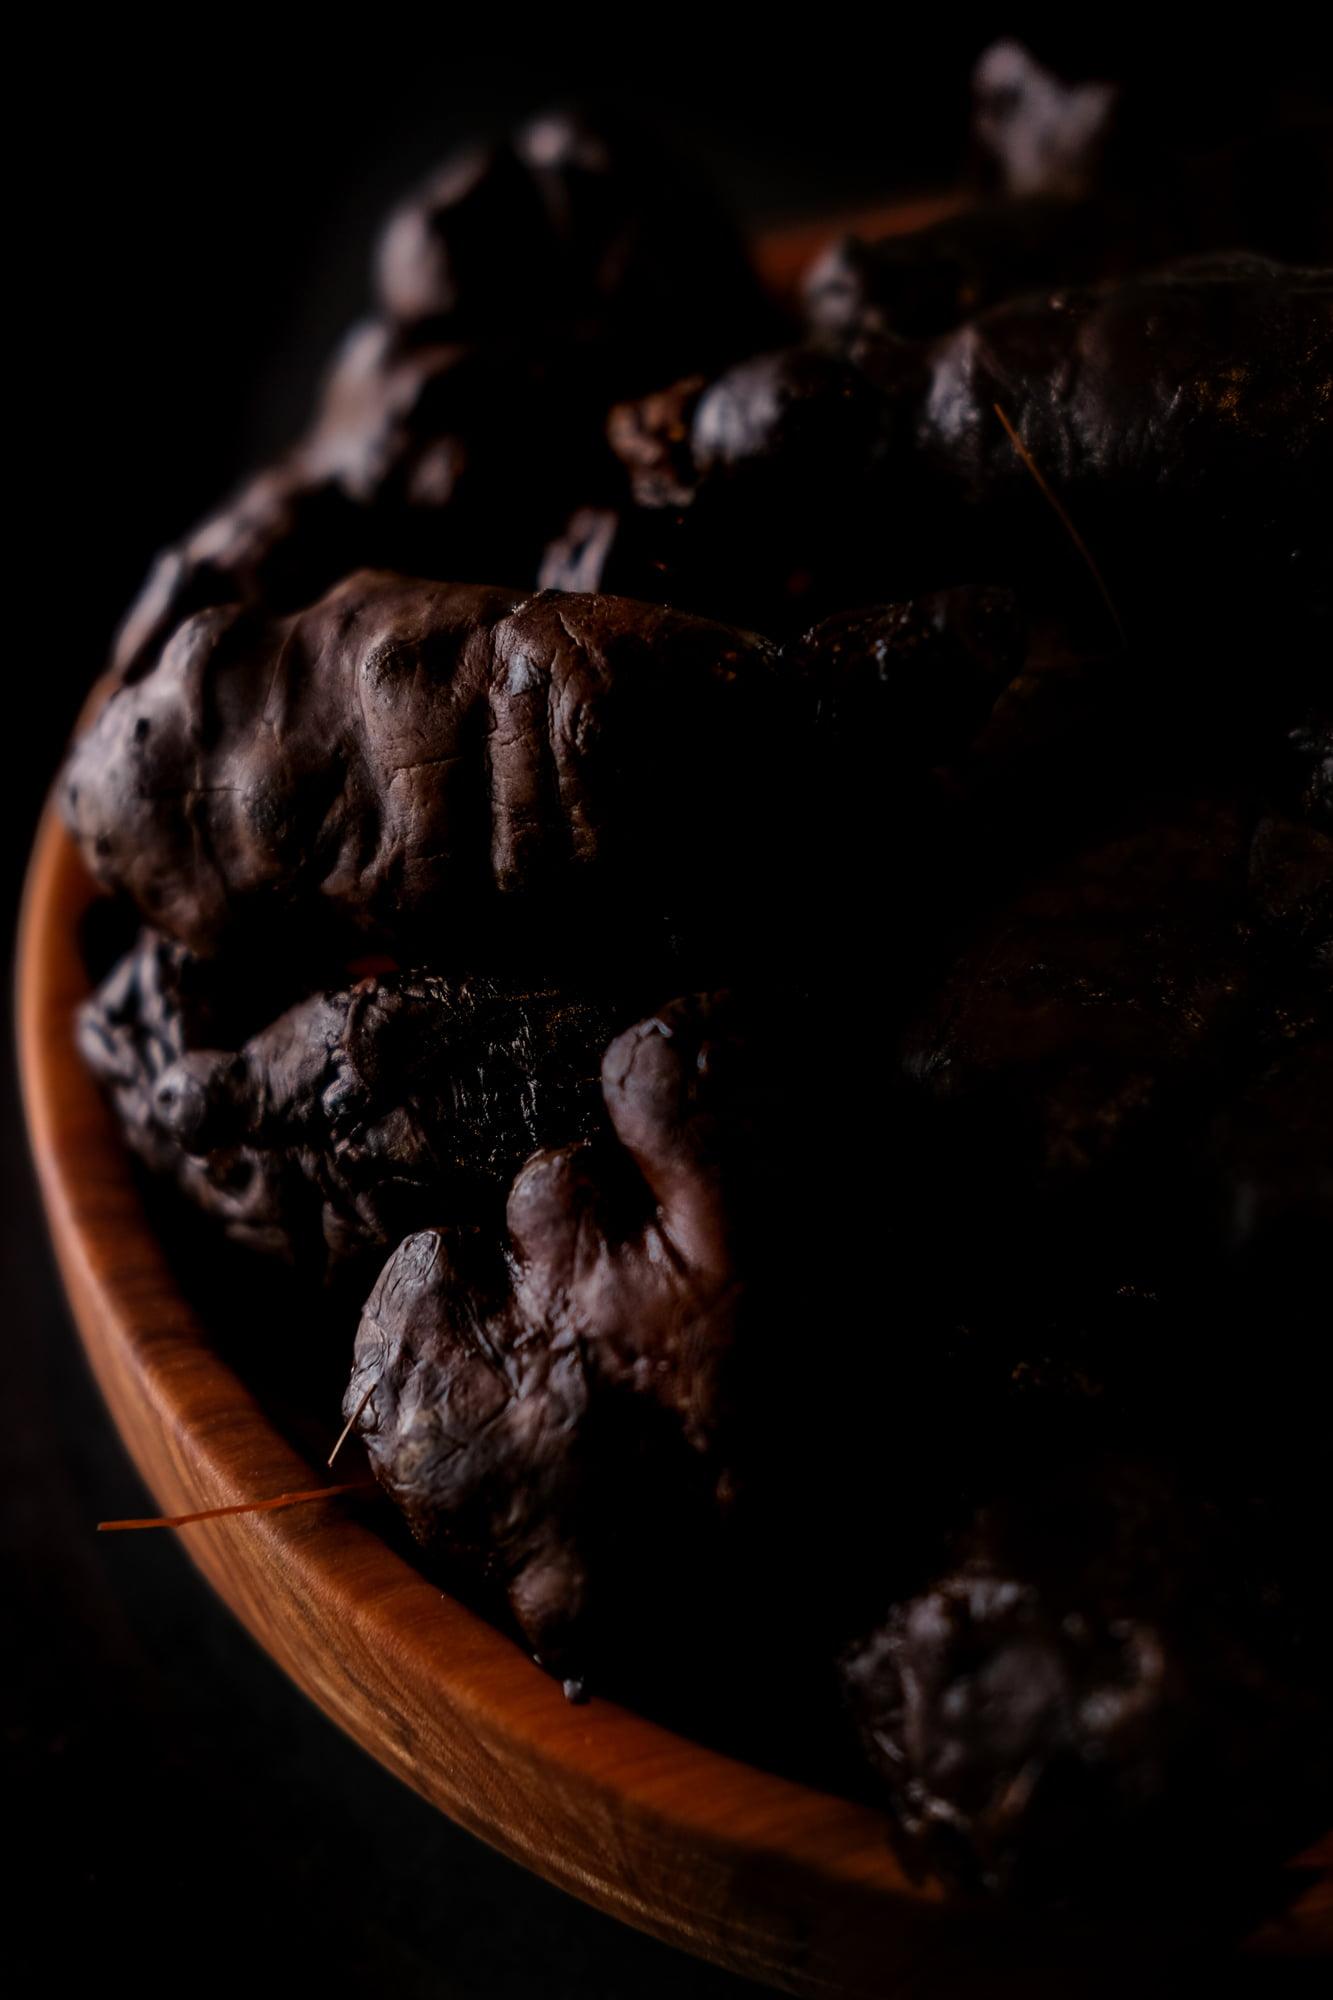 https://www.chilarestaurant.com/vegetales-negros/07_07_chila-7764/